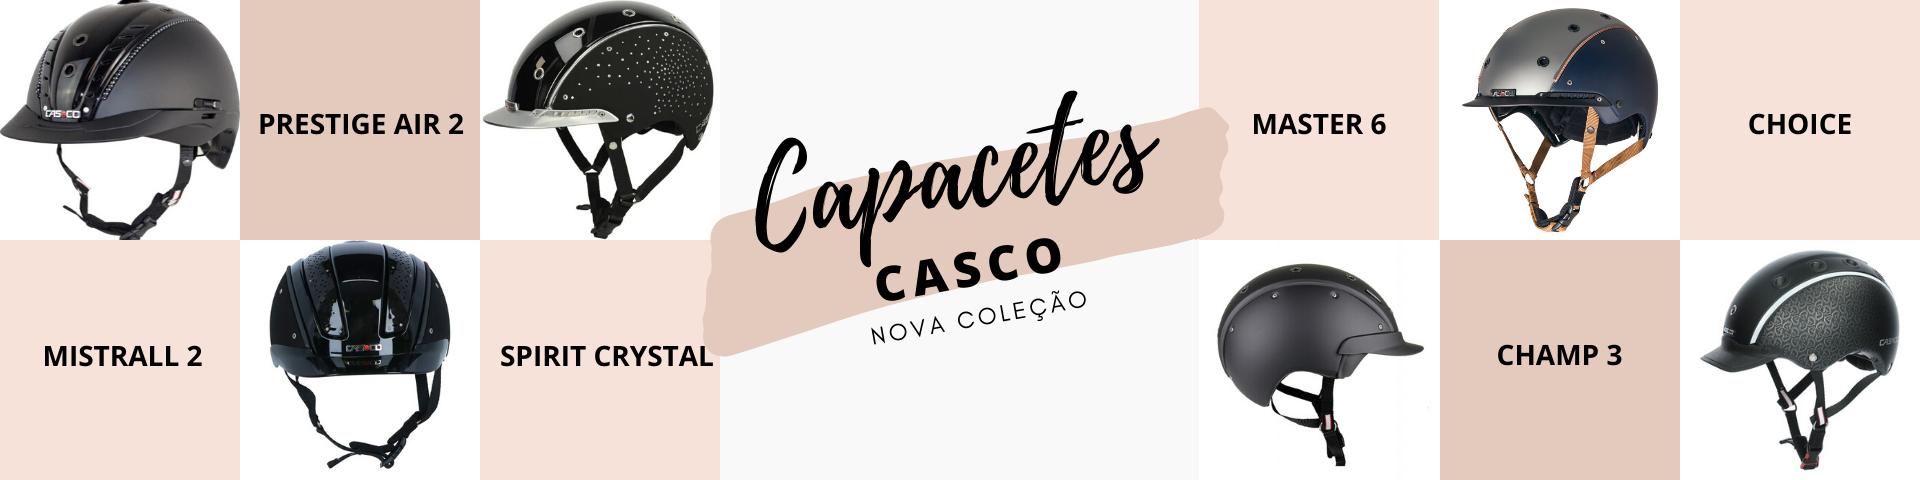 Nova coleção Capacetes Casco